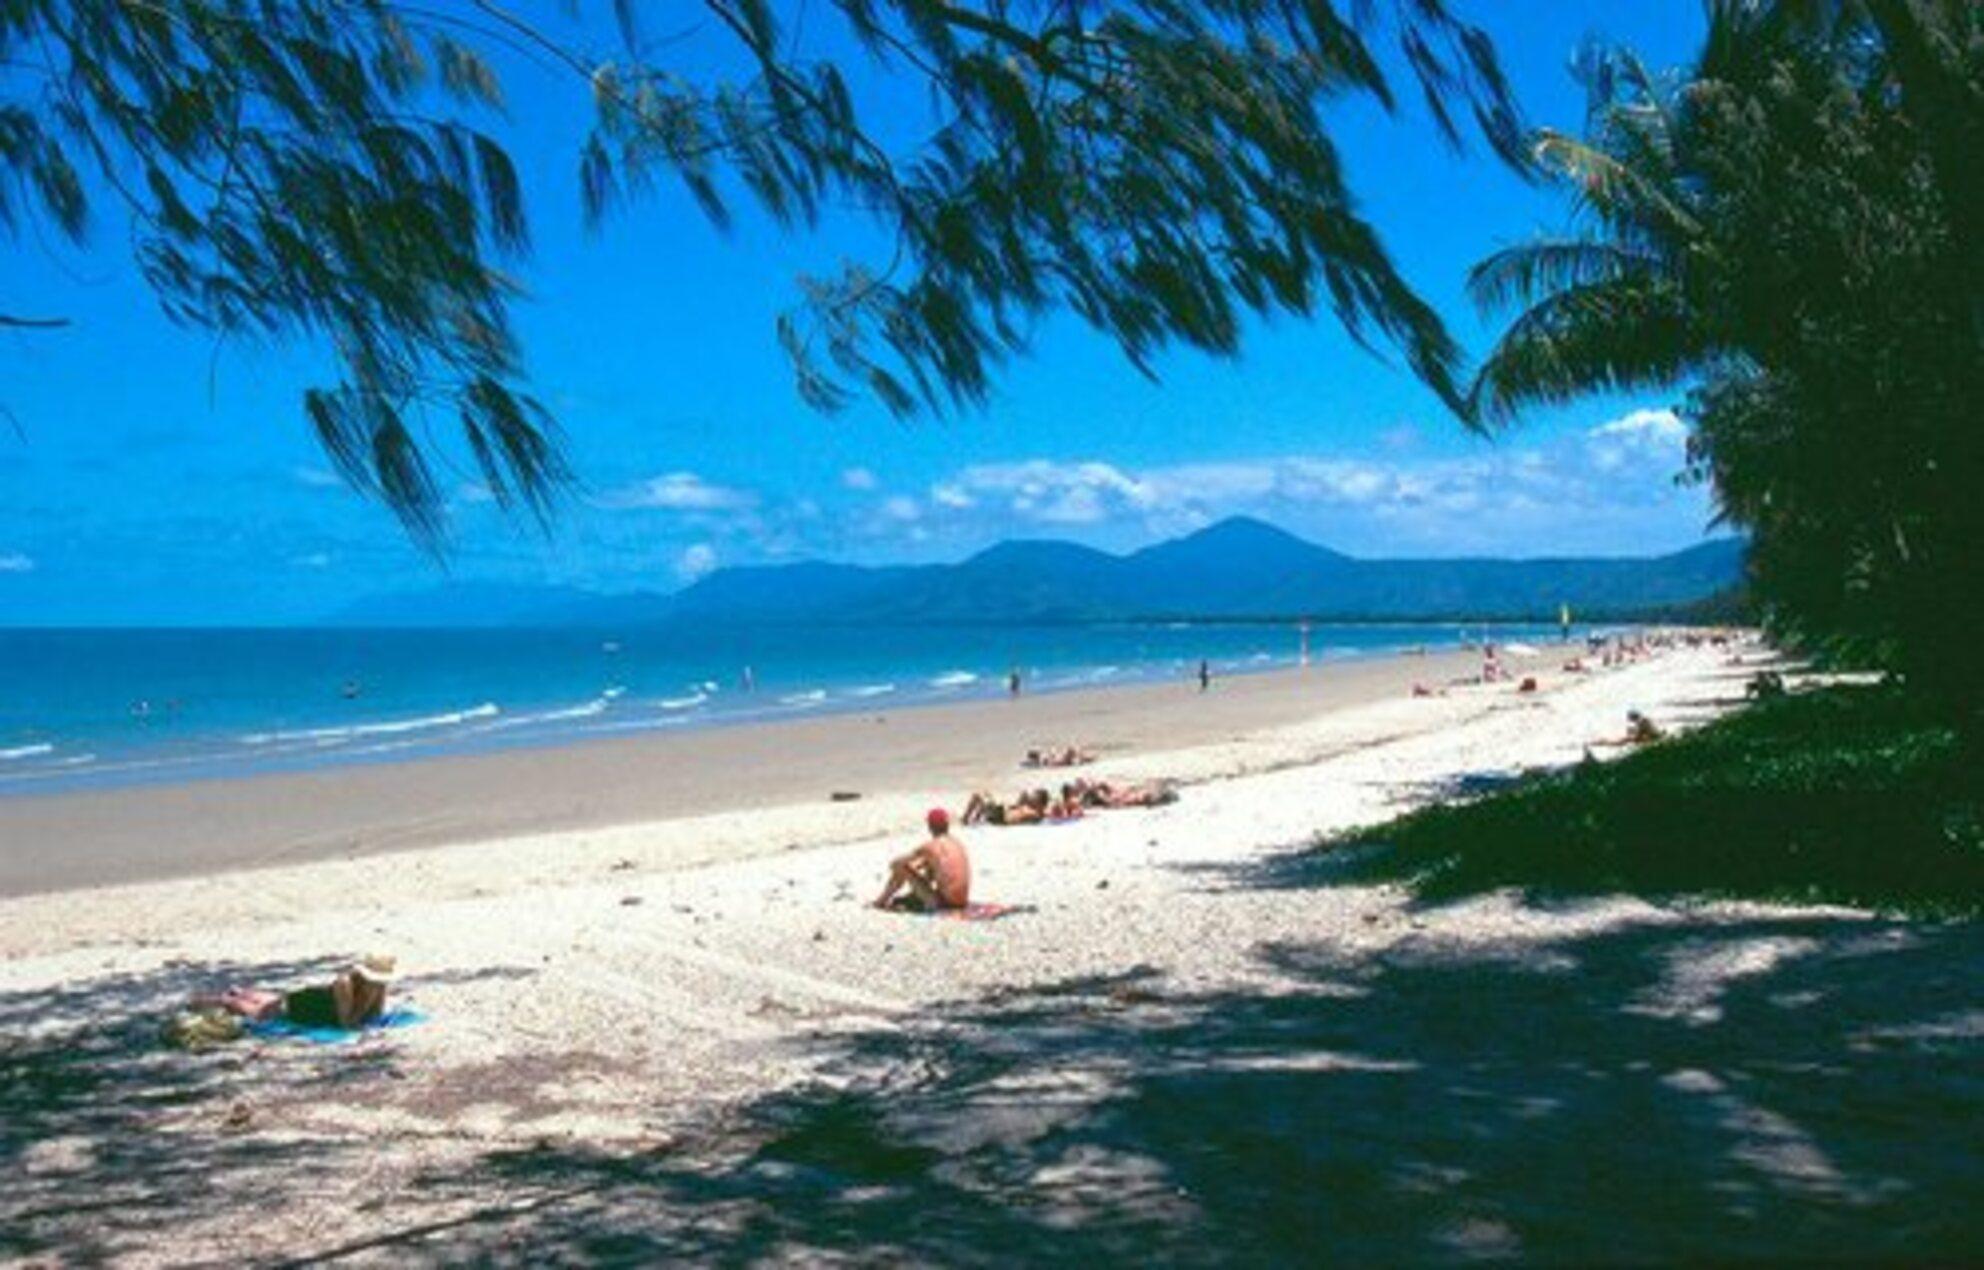 Port Douglas, Australie - 4-mile beach in Port Douglas,Queensland,Australie - foto door Hugie op 23-06-2015 - deze foto bevat: zee, beach, australie, queensland, port douglas, 4 mile beach - Deze foto mag gebruikt worden in een Zoom.nl publicatie